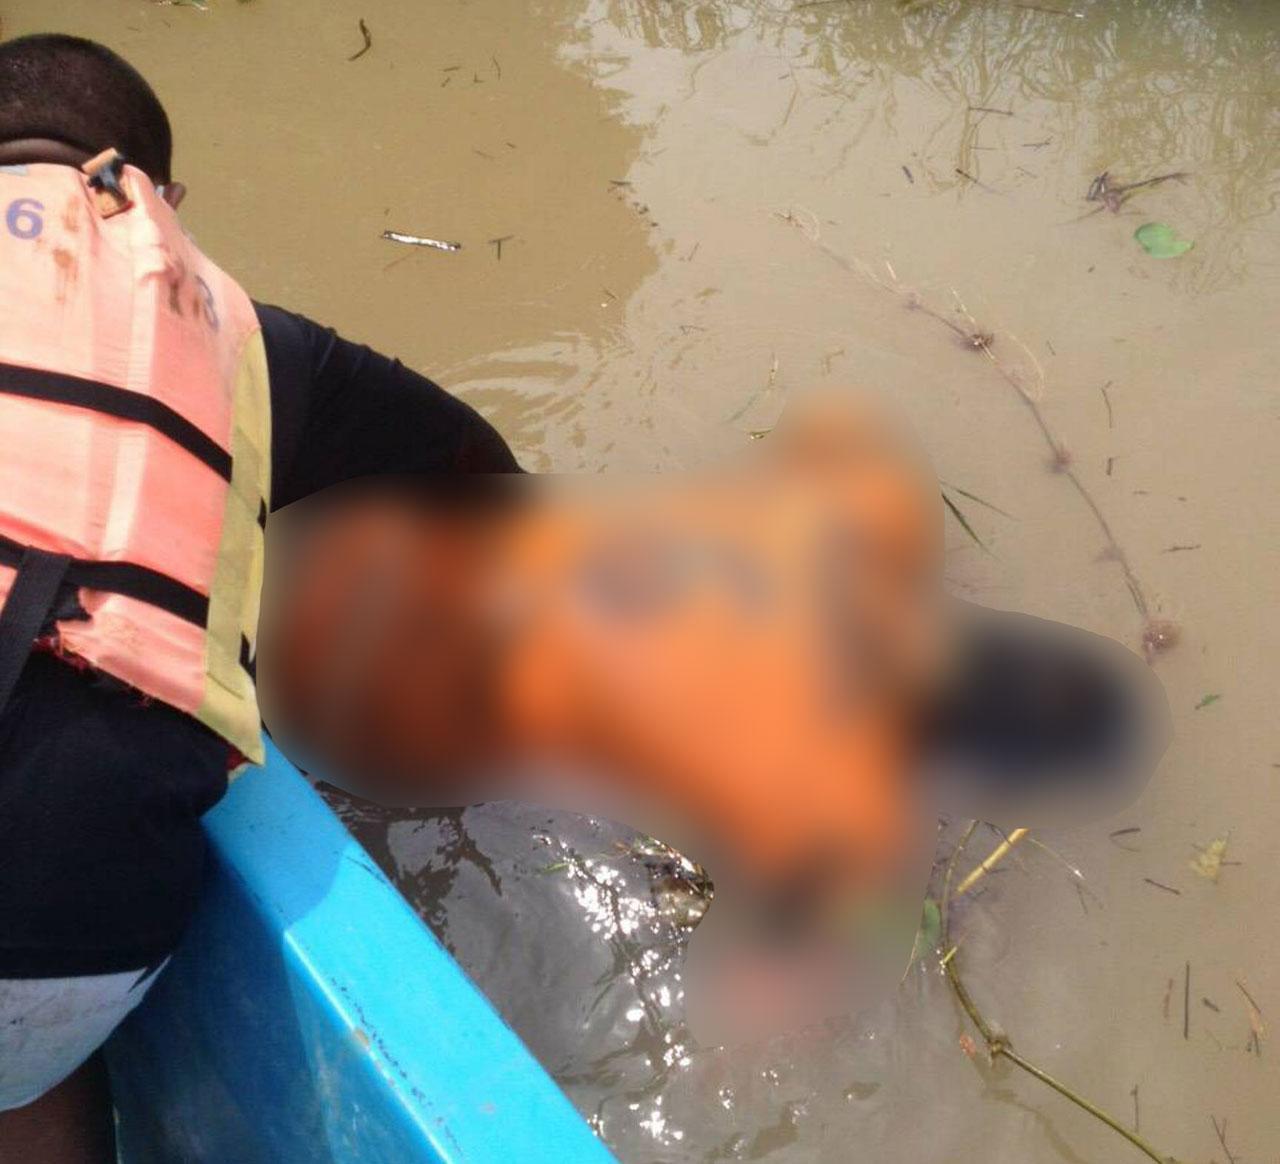 สภาพศพ นักวิชาการเกษตร ที่ร้อยเอ็ด ลอยอืดในลำน้ำชี ญาติคาดถูกฆ่าก่อนโยนทิ้งลงน้ำ